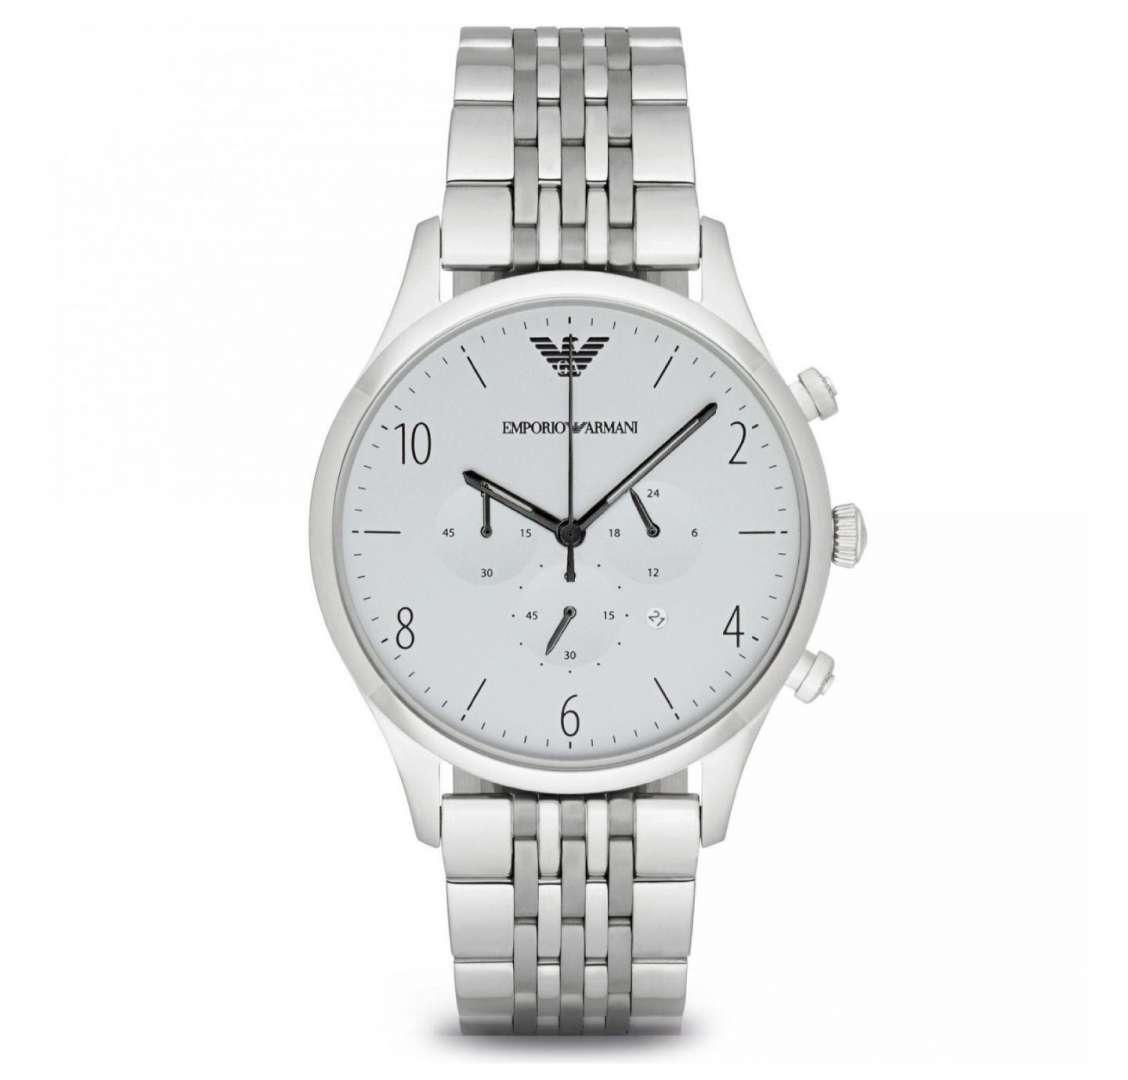 שעון יד אנלוגי לגבר emporio armani ar1879 אמפוריו ארמני